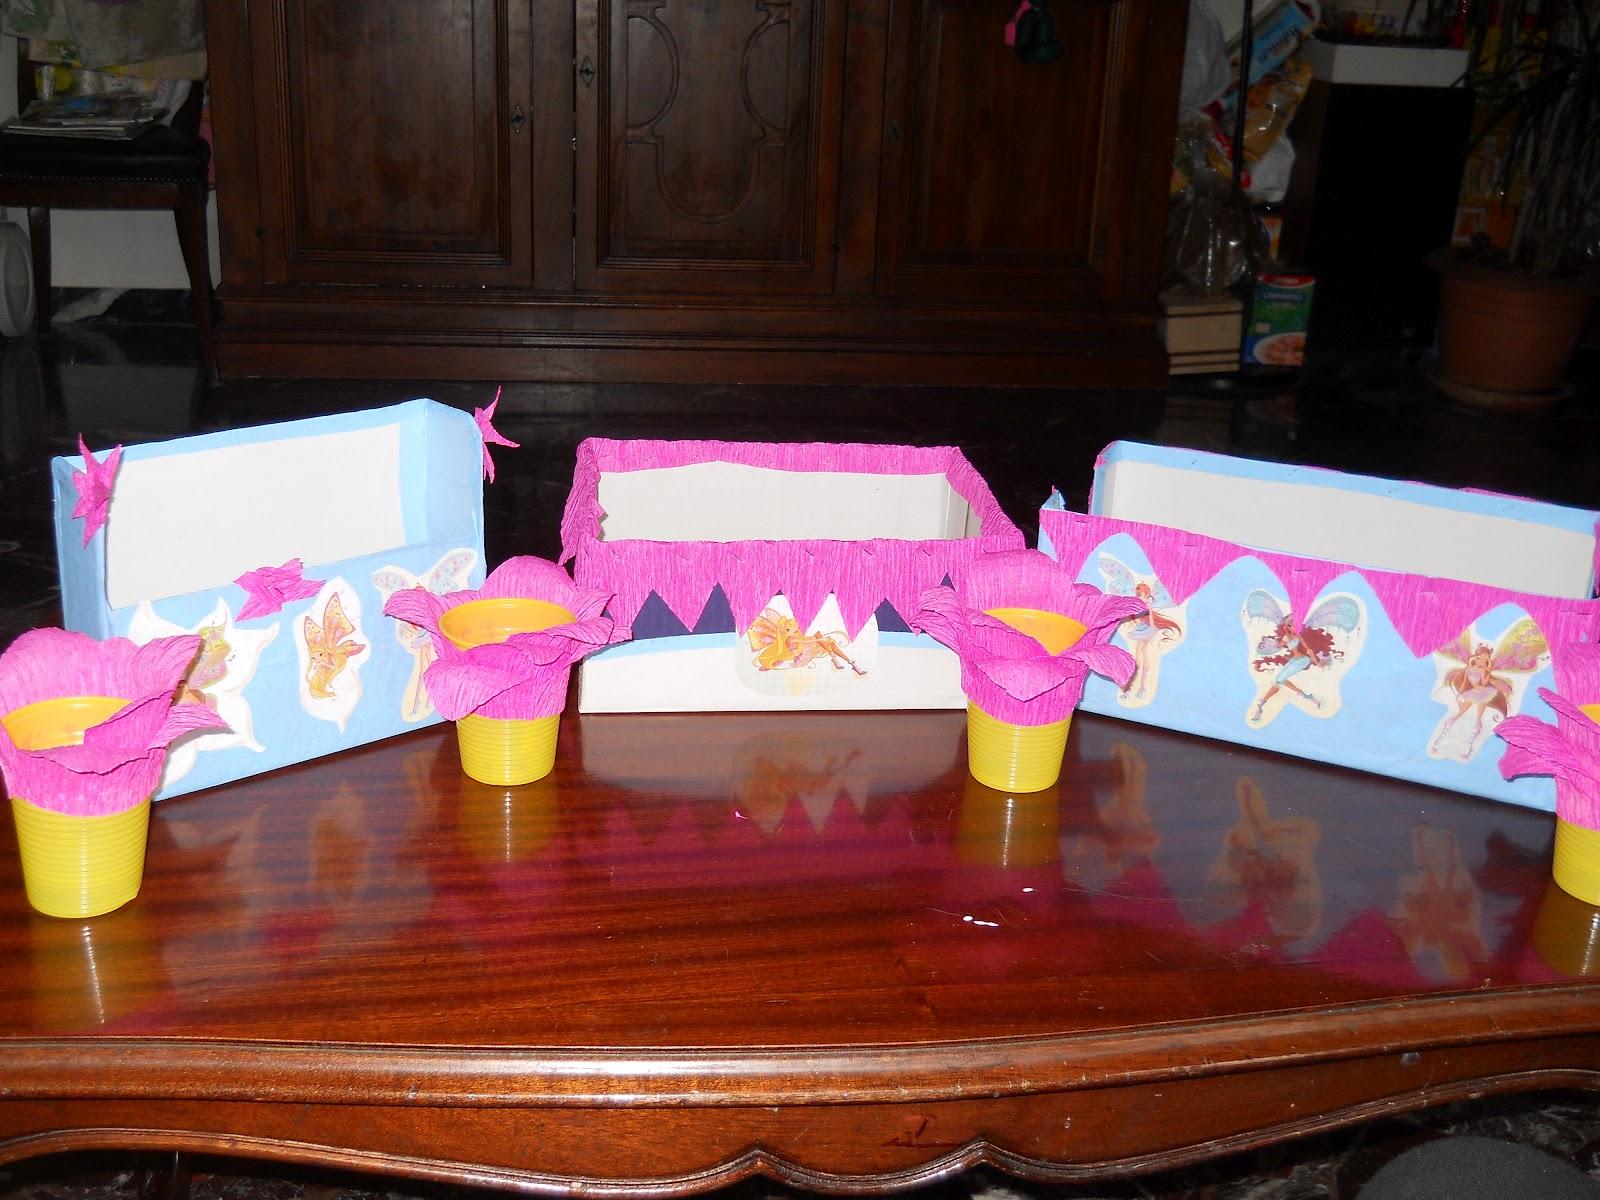 Decorazioni Per Feste Di Compleanno Bambini Fai Da Te : Festa per bambini decorare la tavola a tema winx bricolage